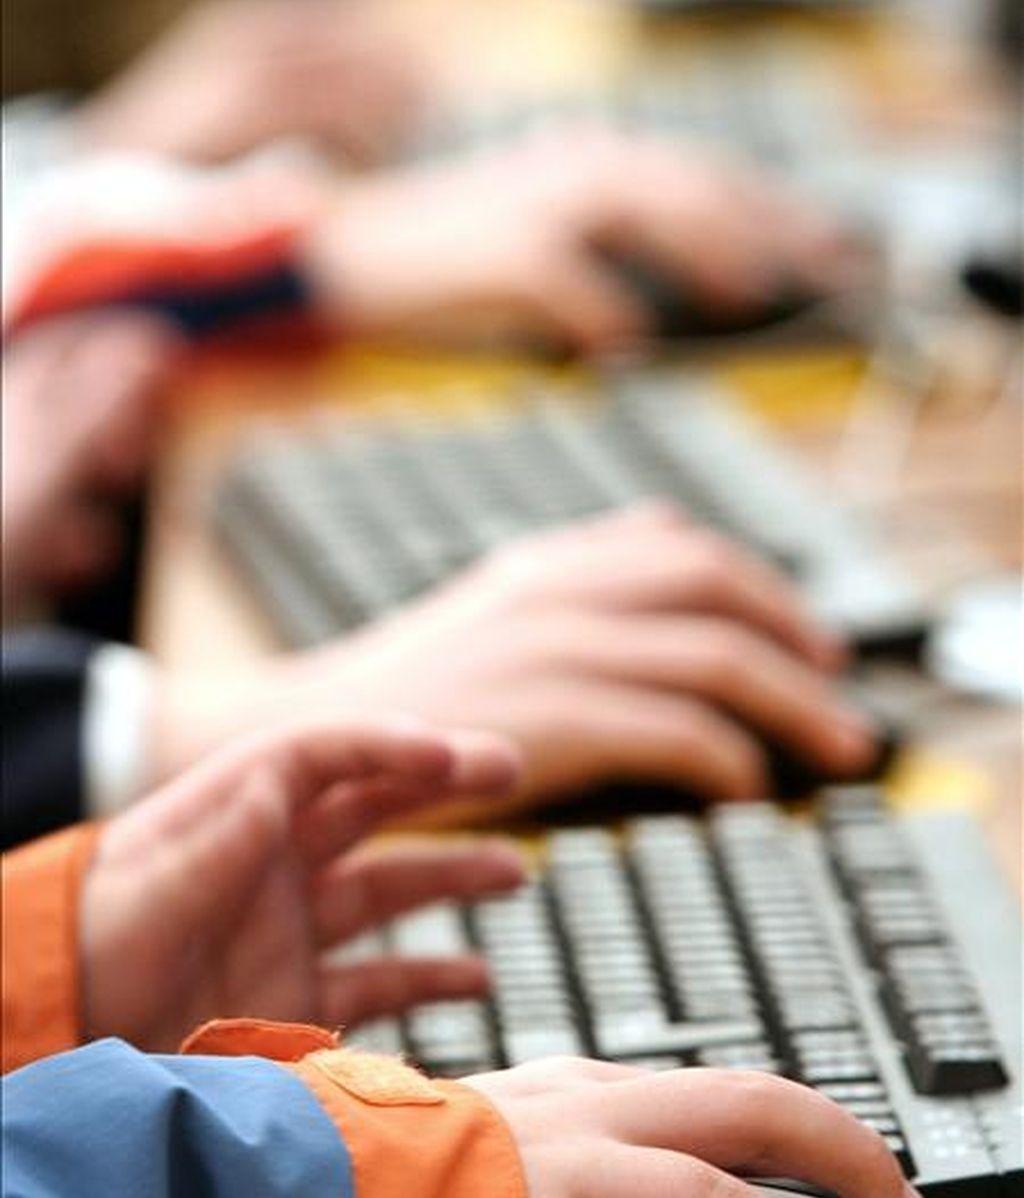 Detalle de la mano de un niño jugando con un ordenador. EFE/Archivo